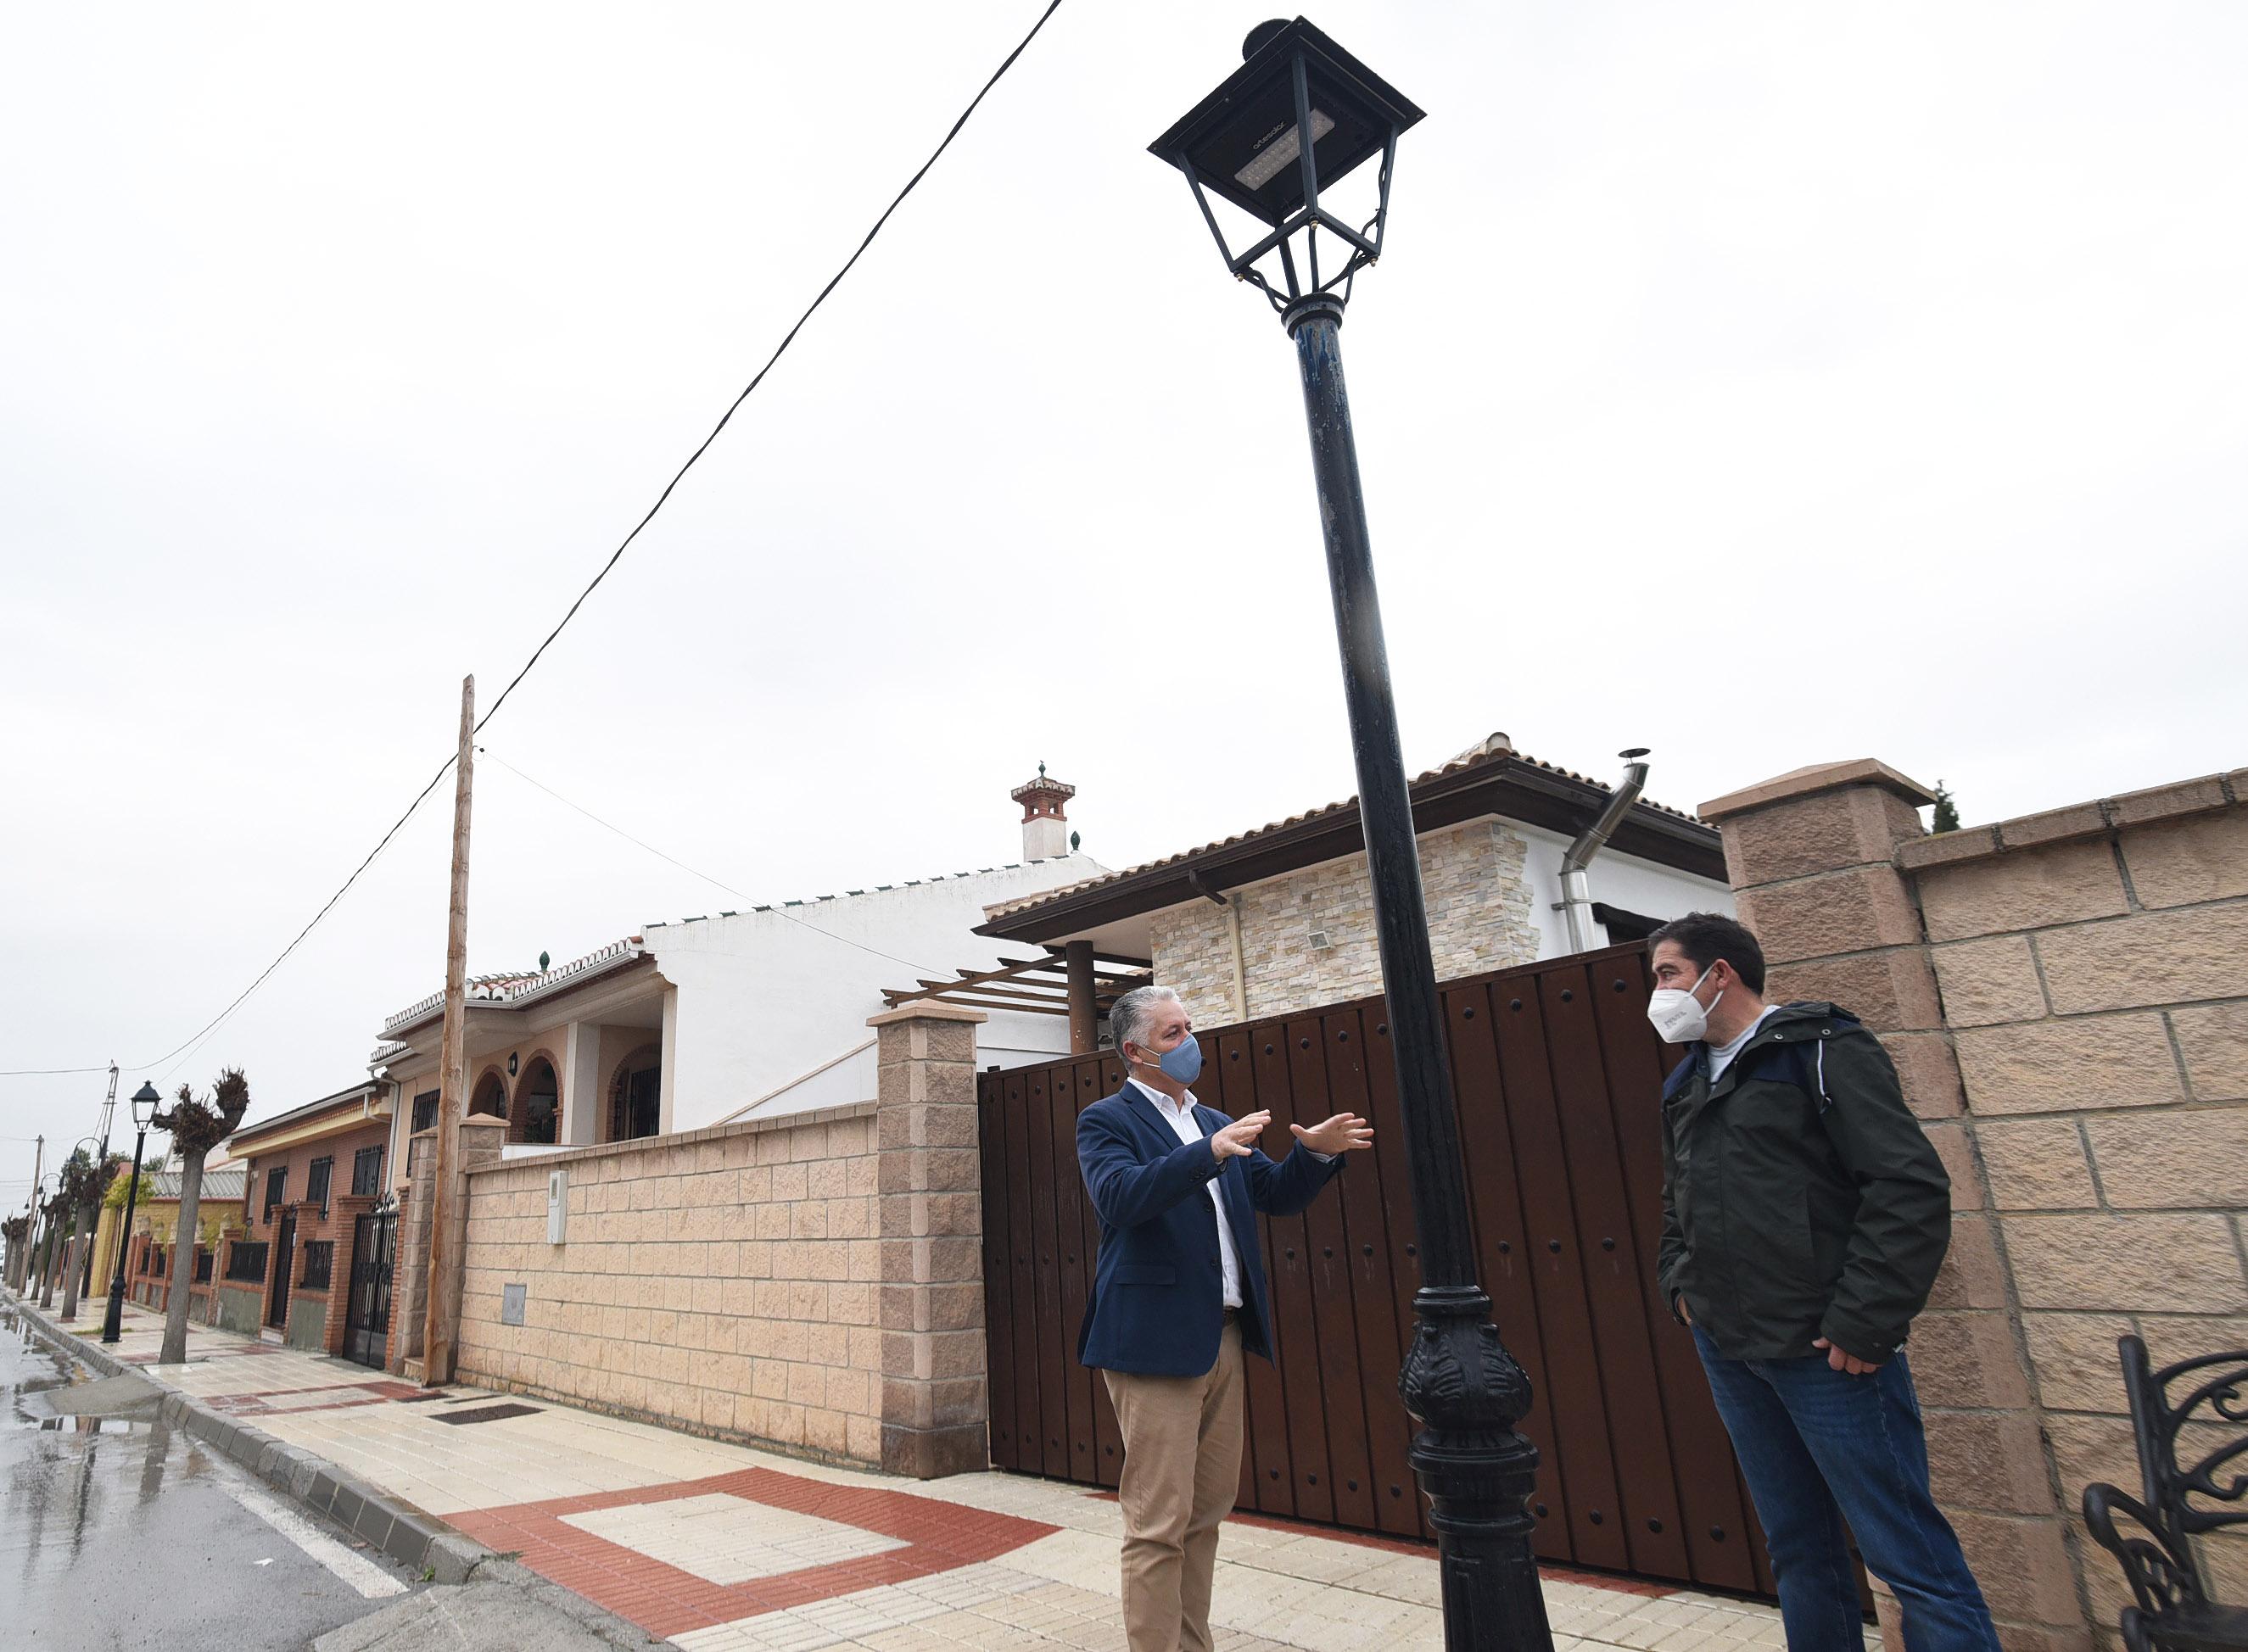 66 municipios de la provincia renuevan sus luminarias con led para ahorrar un 50% en electricidad